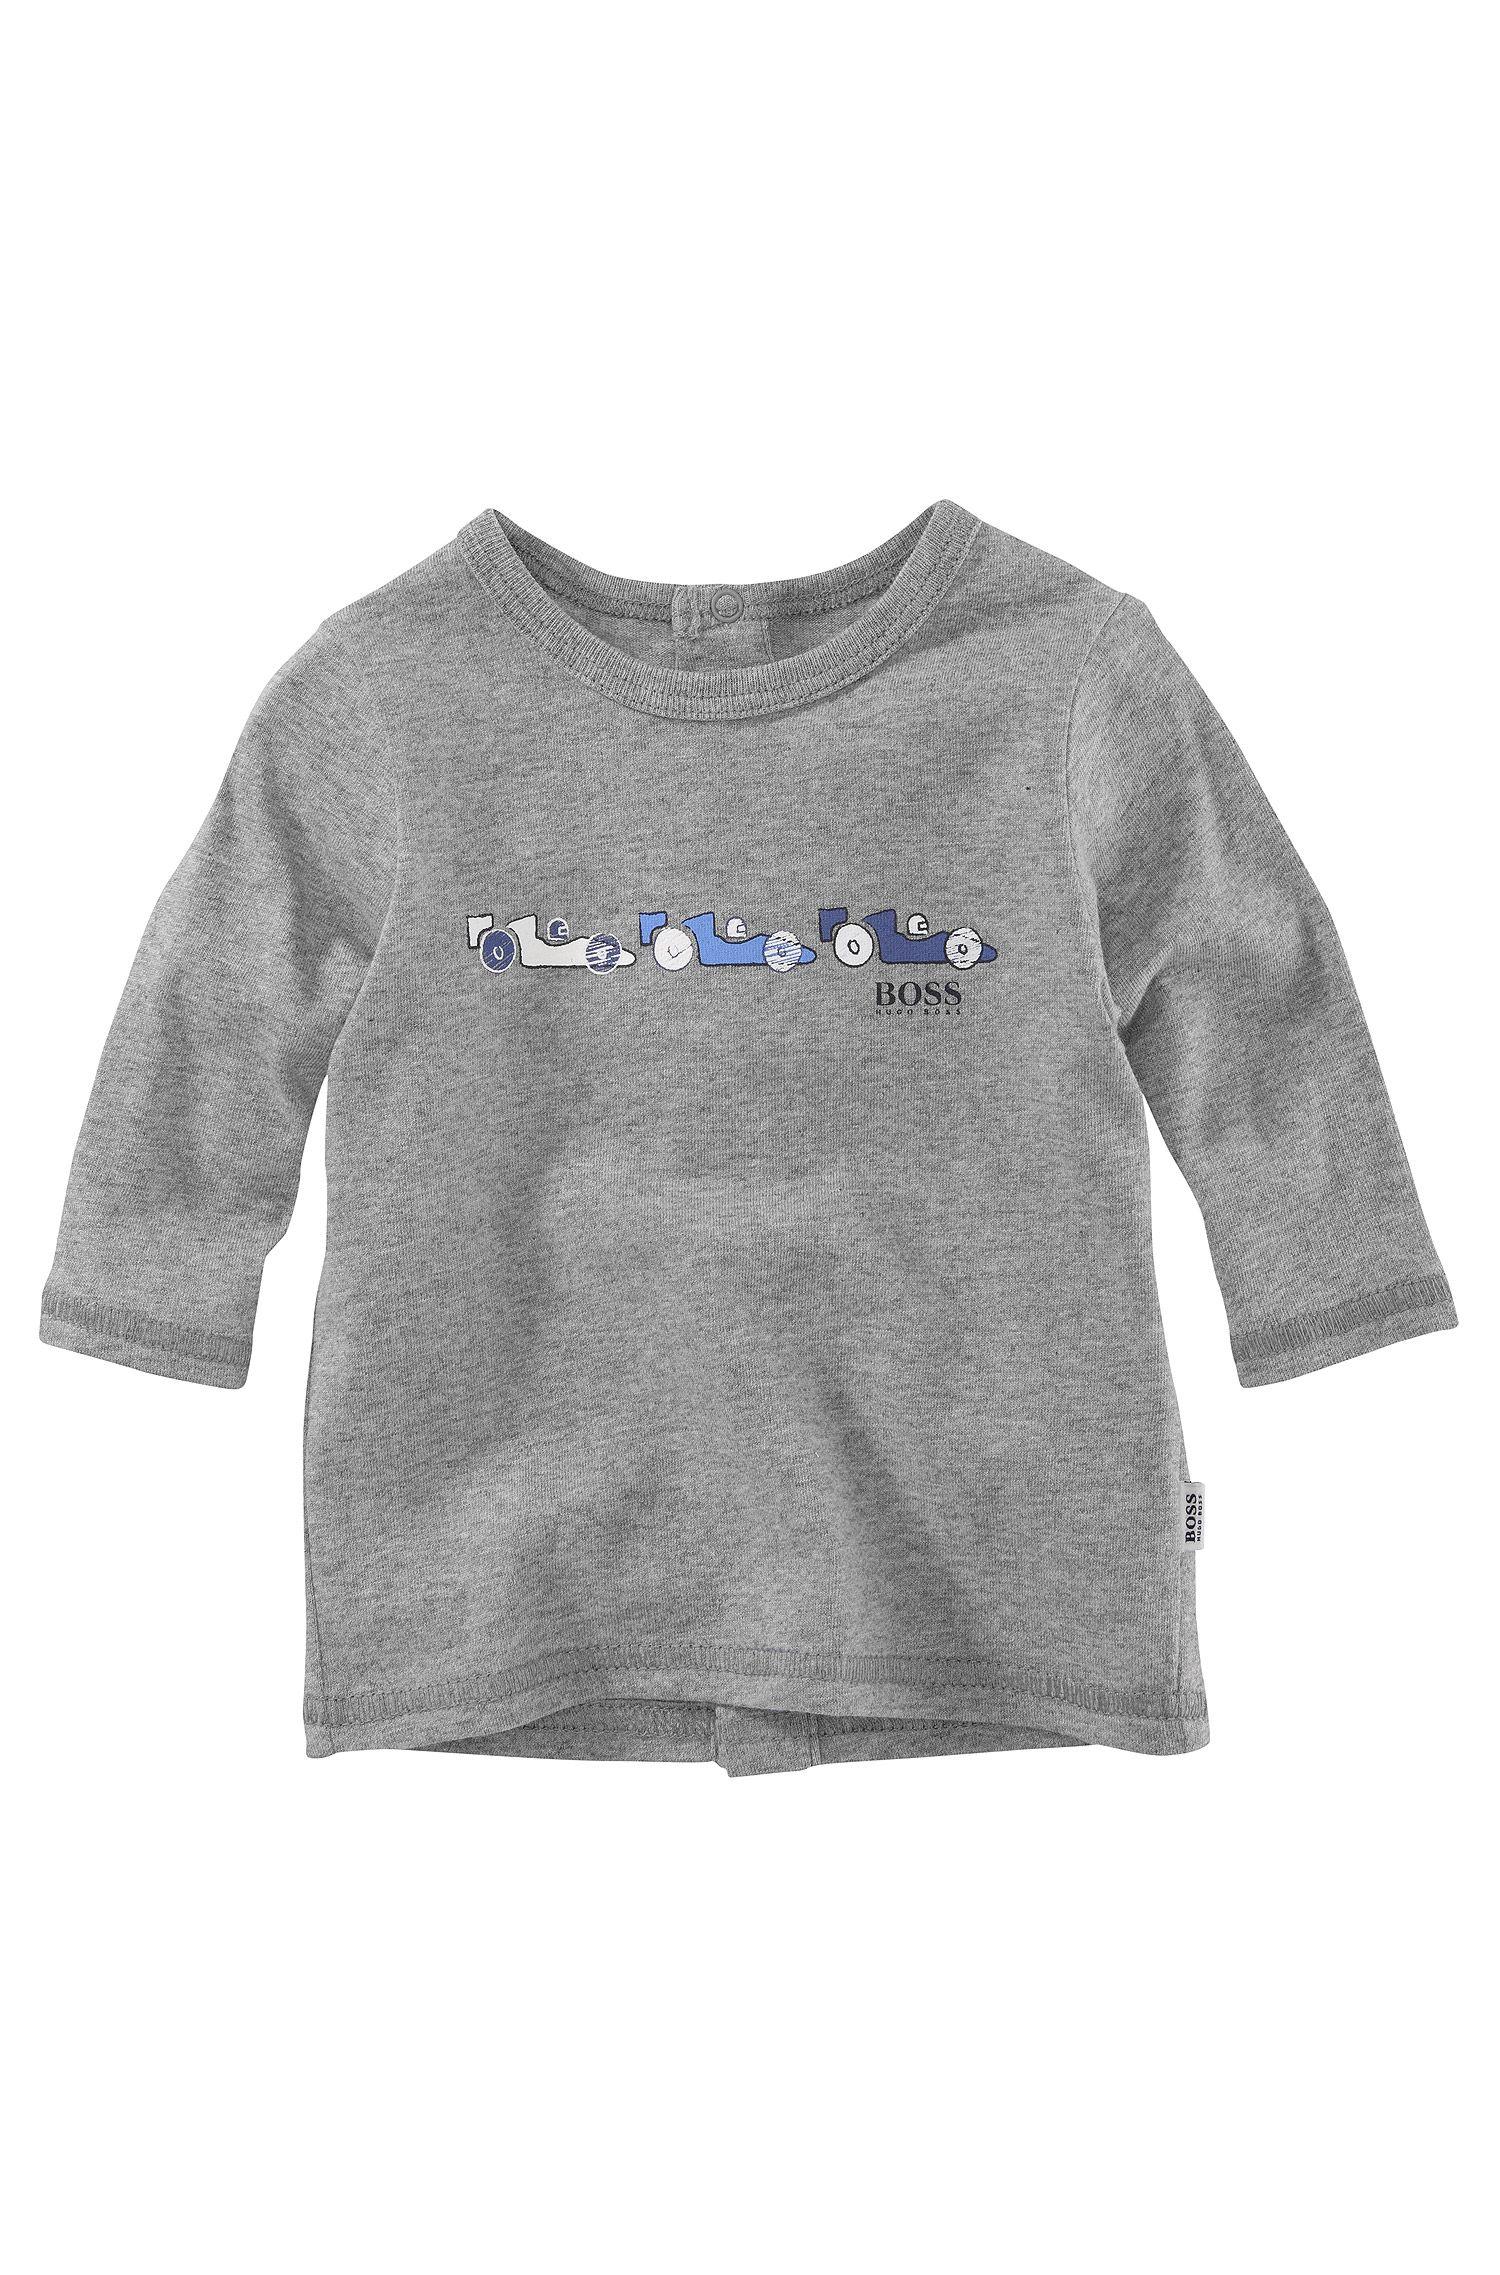 'J95114' | Infant Cotton Crewneck Graphic Sweater